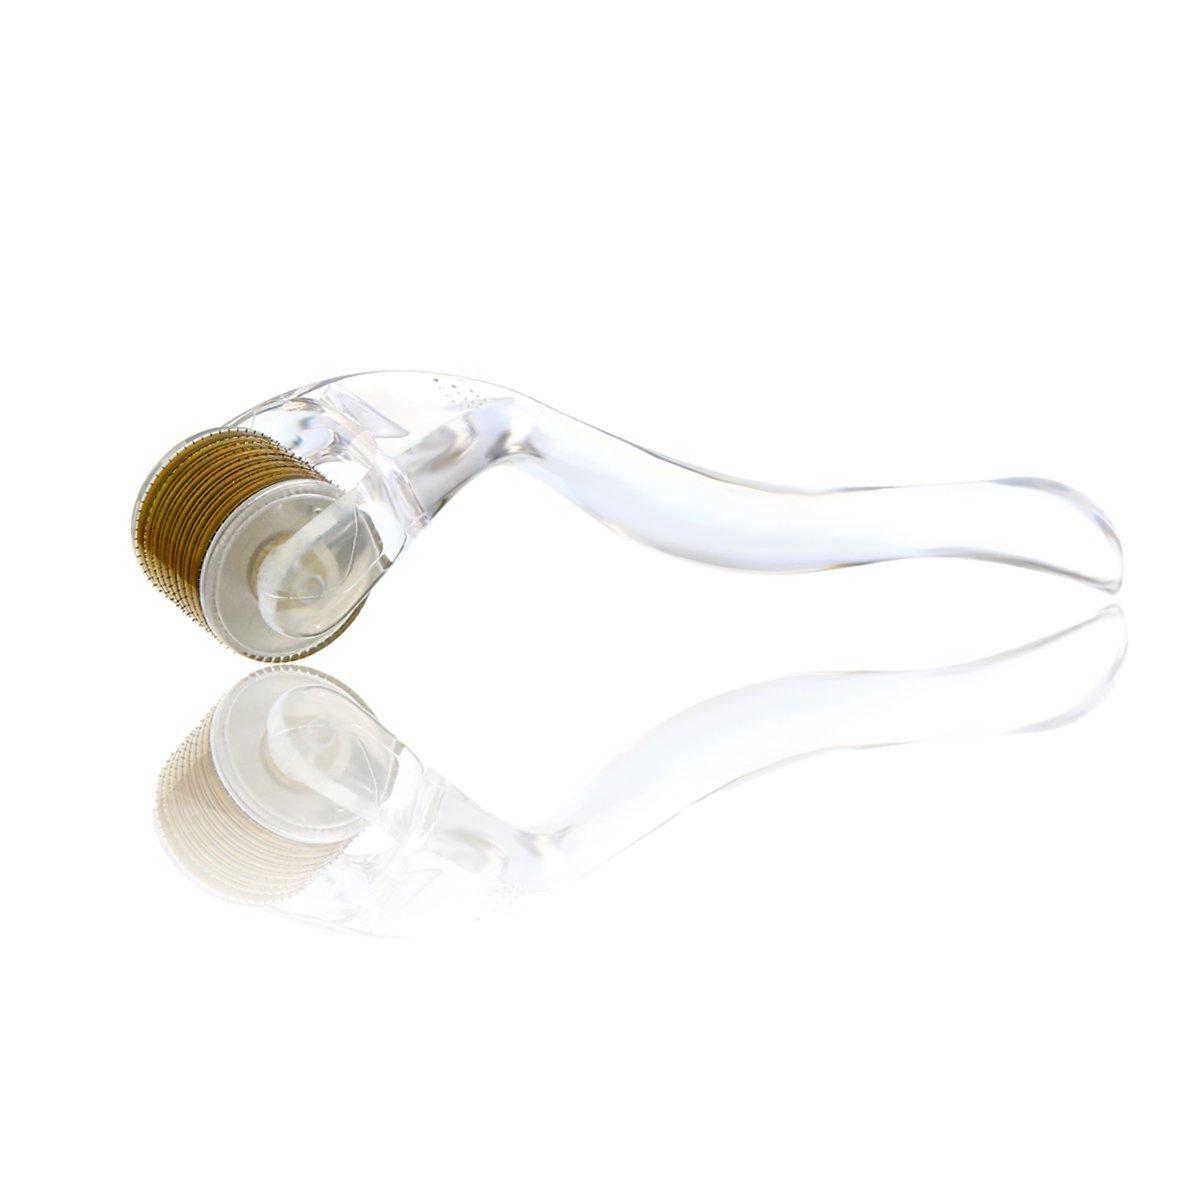 Derma - Kit de rodillo para cara y cuerpo, 0,25 mm, grado profesional, 540 de titanio, micro agujas, herramienta para terapia de inducción de colágeno, ...